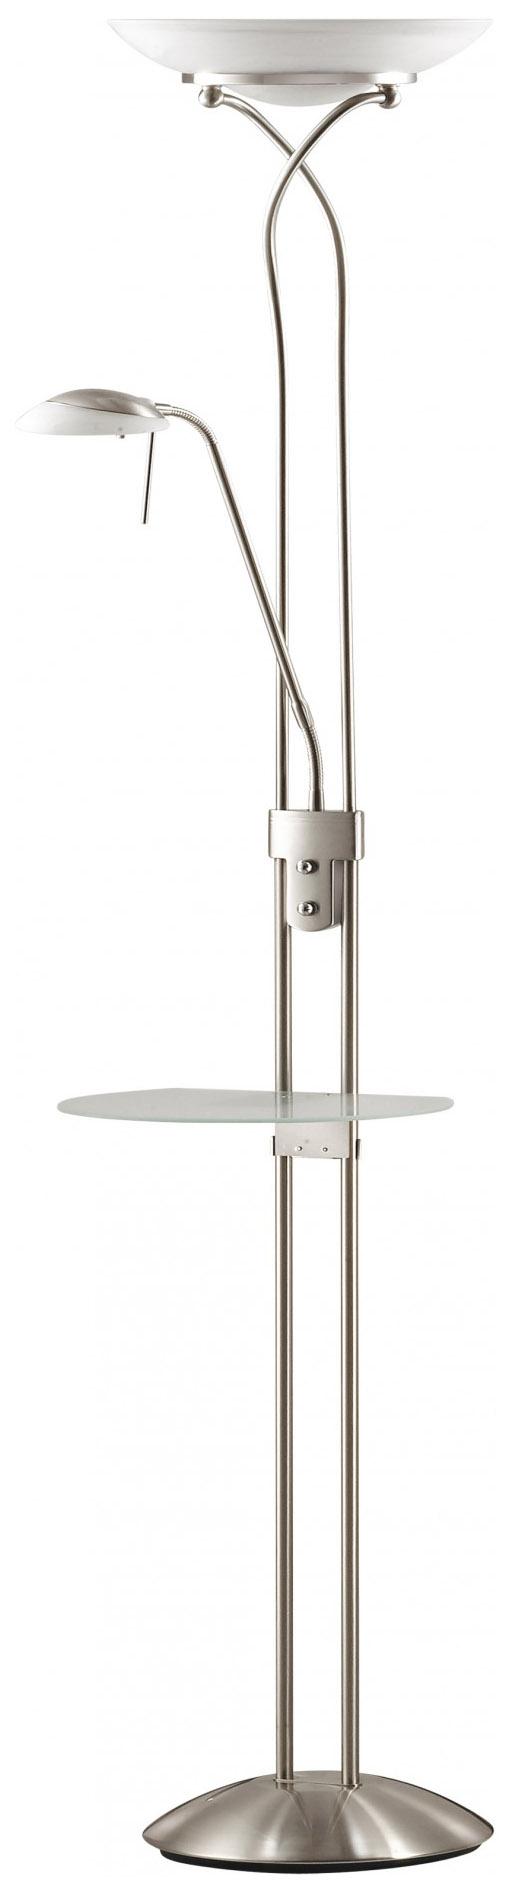 Торшер Odeon Light 2486/F G9, r7s